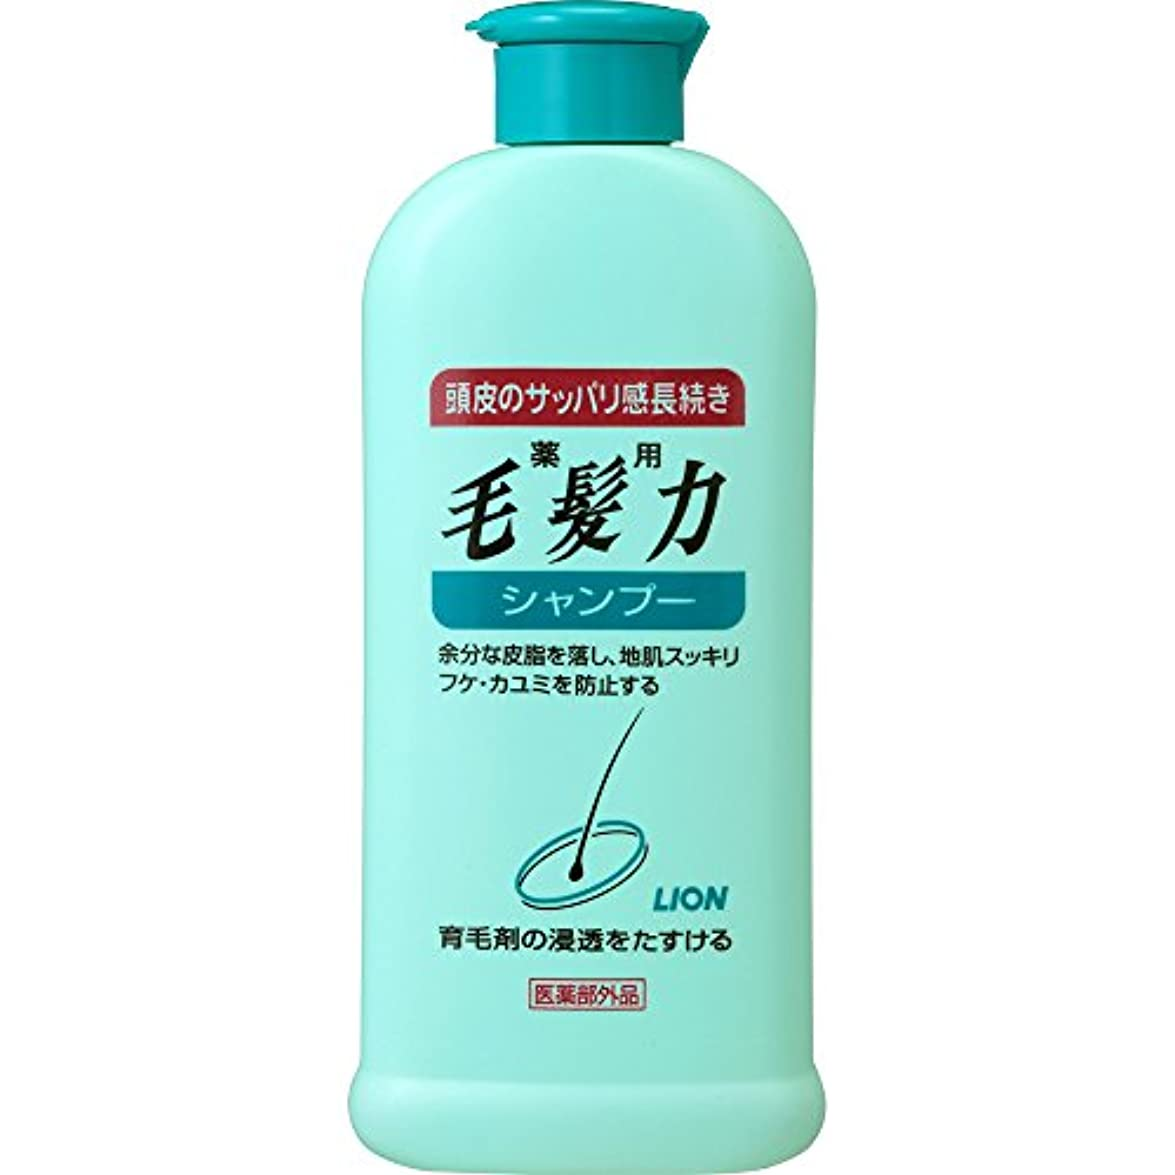 アクロバット養うドキュメンタリー薬用毛髪力 シャンプー 200ml(医薬部外品)